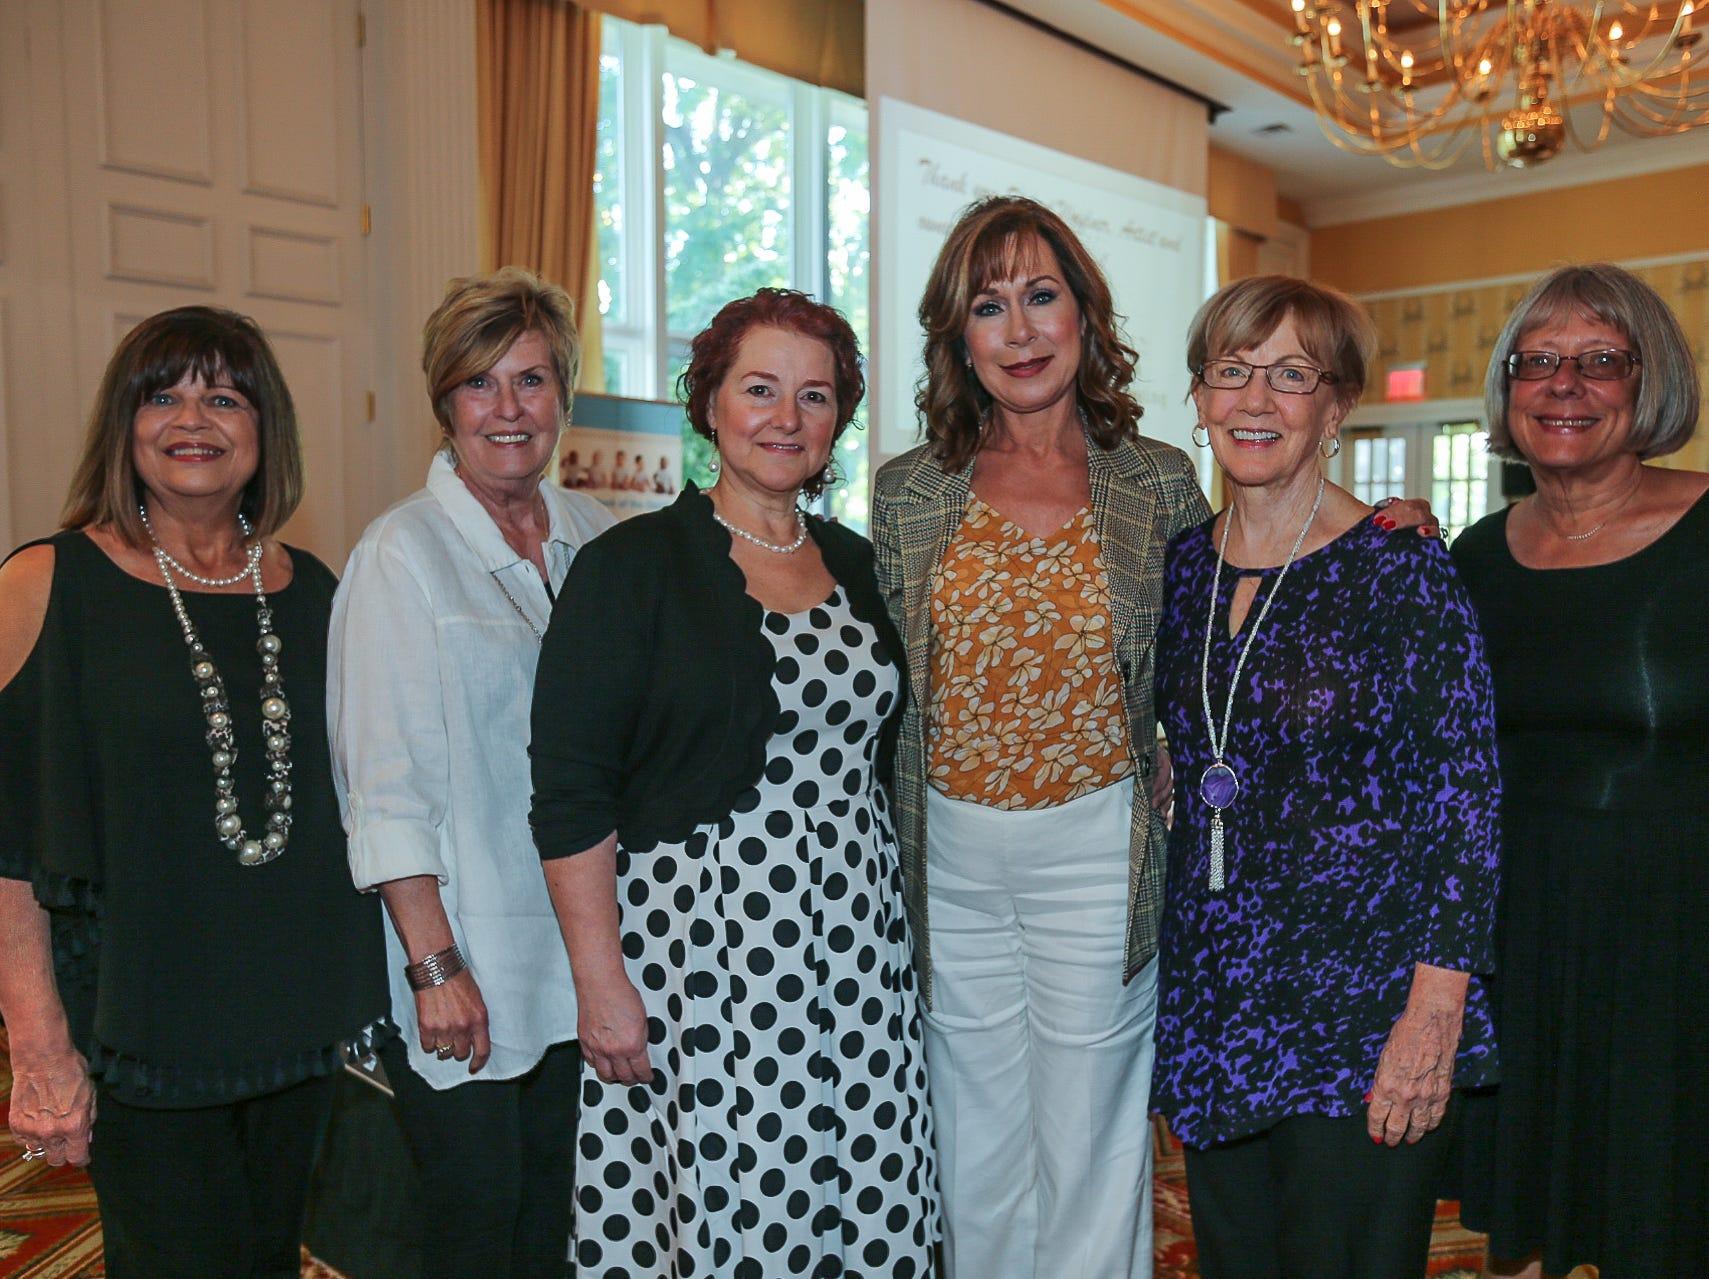 Donna Kinney, Kathy Luna, Michelle Matula, Sonya Wise, Jan Derington, and Sue VanAntwerp